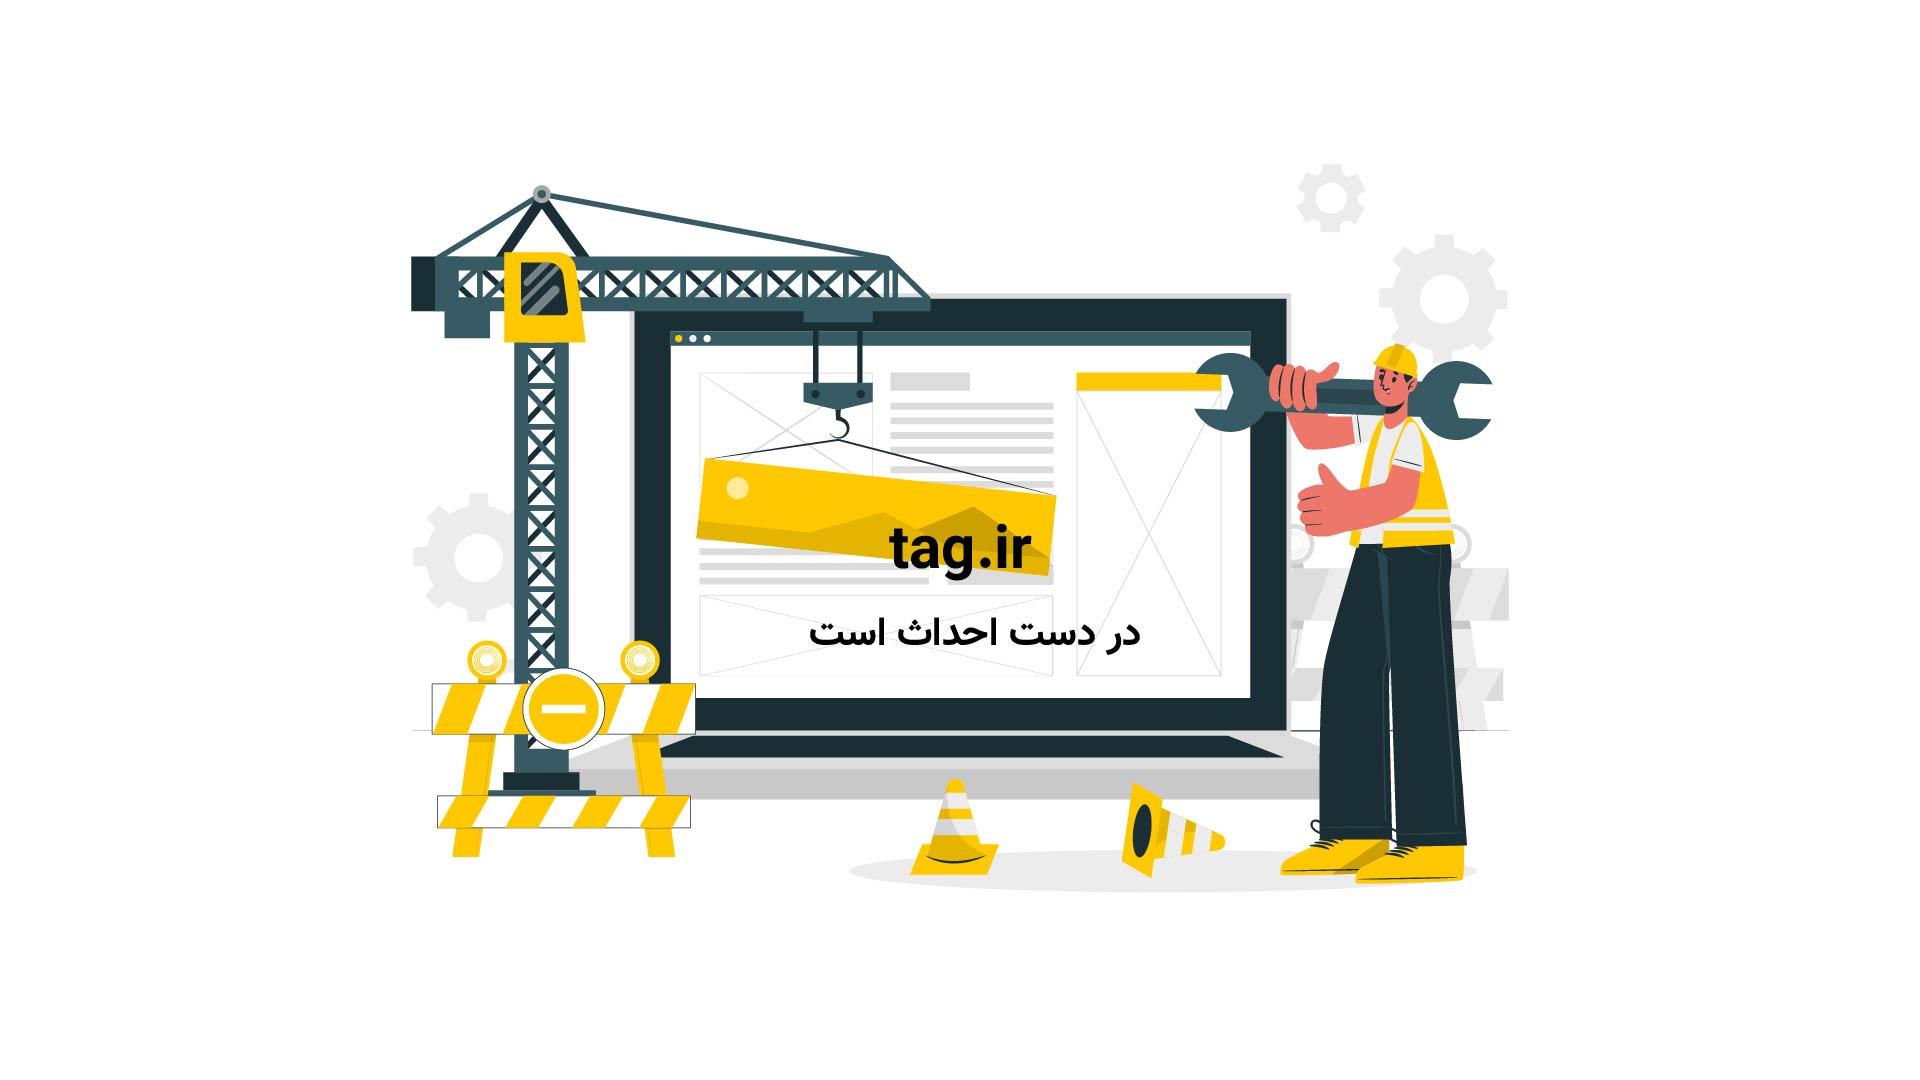 صفحه اول روزنامههای عمومی چهارشنبه 18 بهمن | فیلم